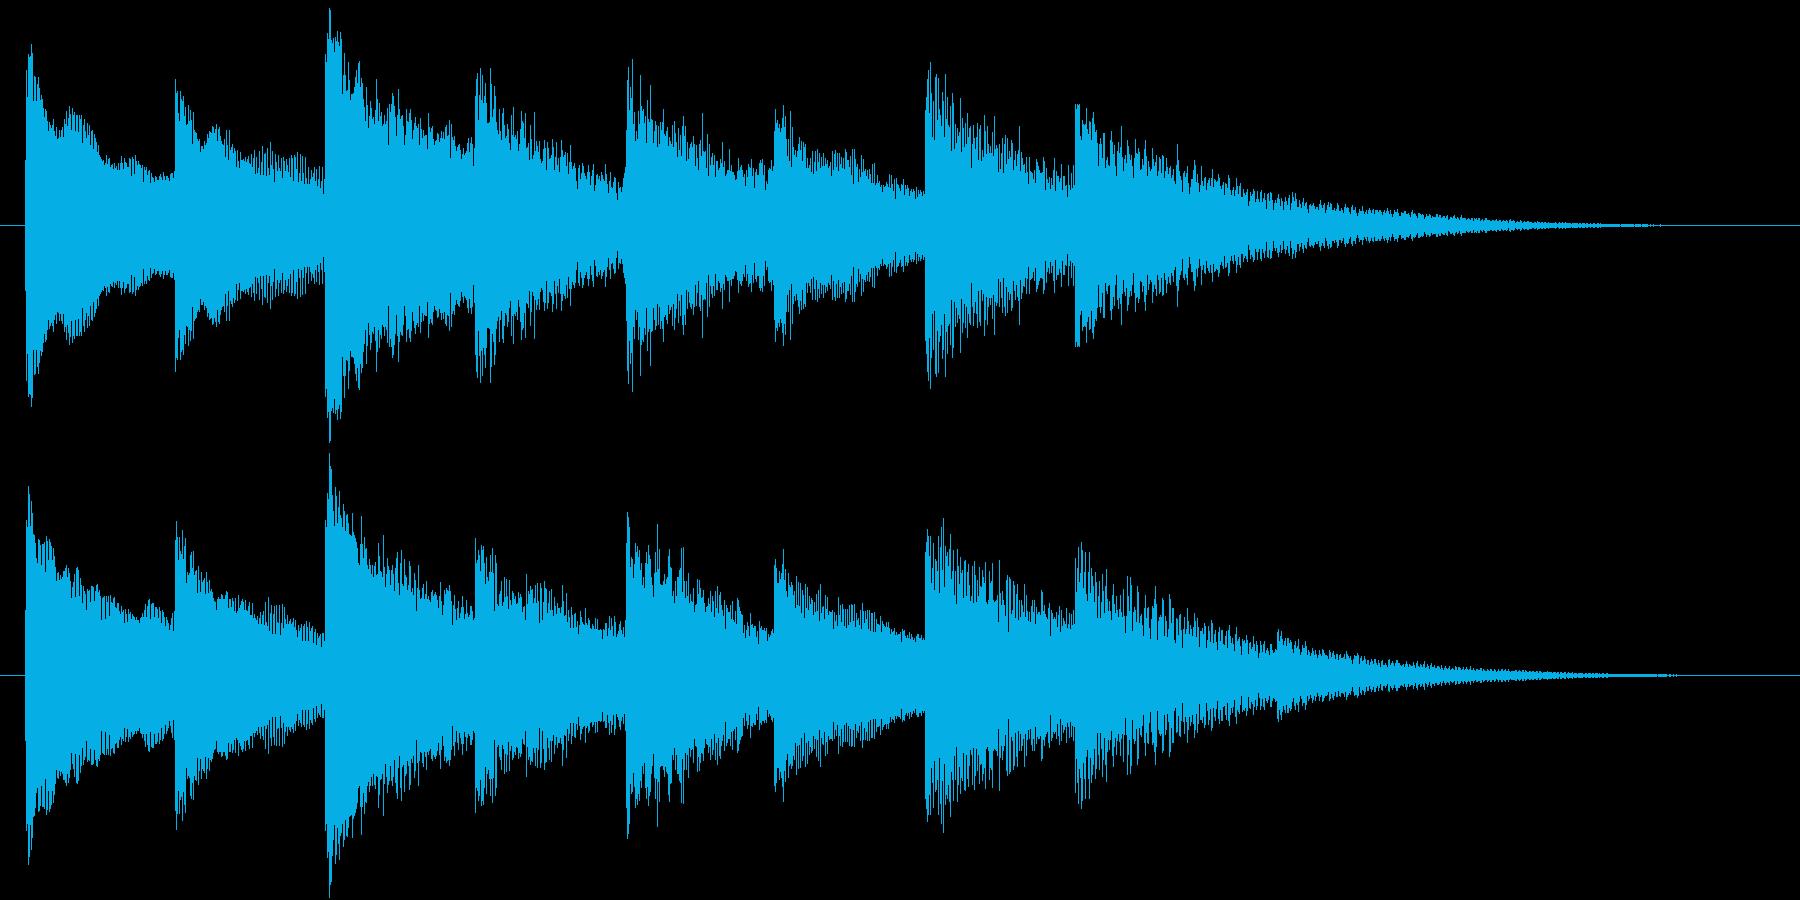 ホラー・不穏なベルの音の再生済みの波形